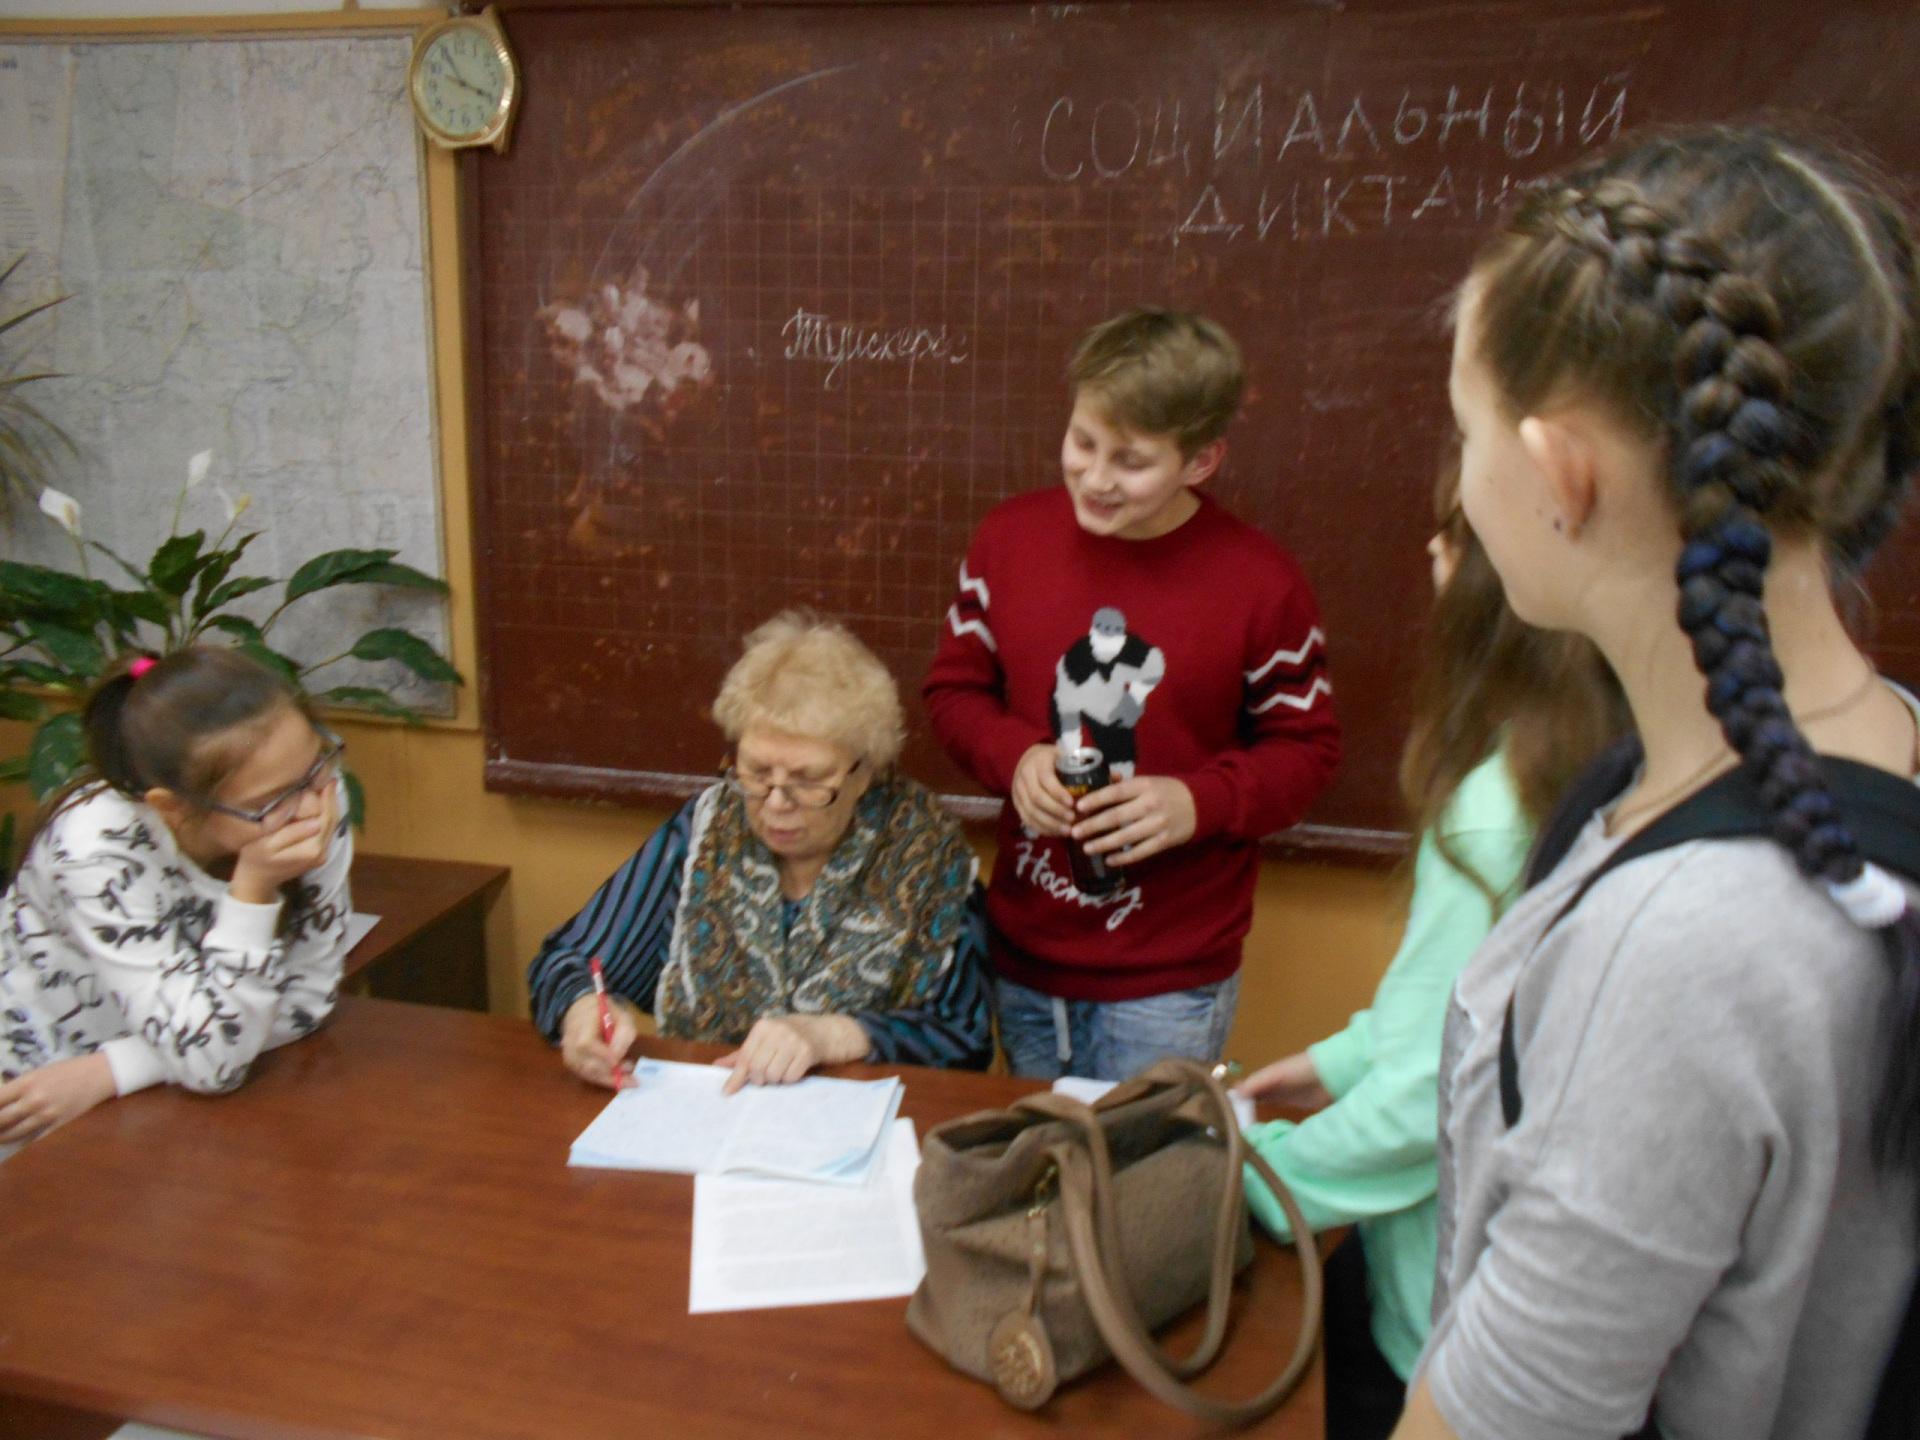 Подростки Усть-Вымского района впервые написали социальный диктант